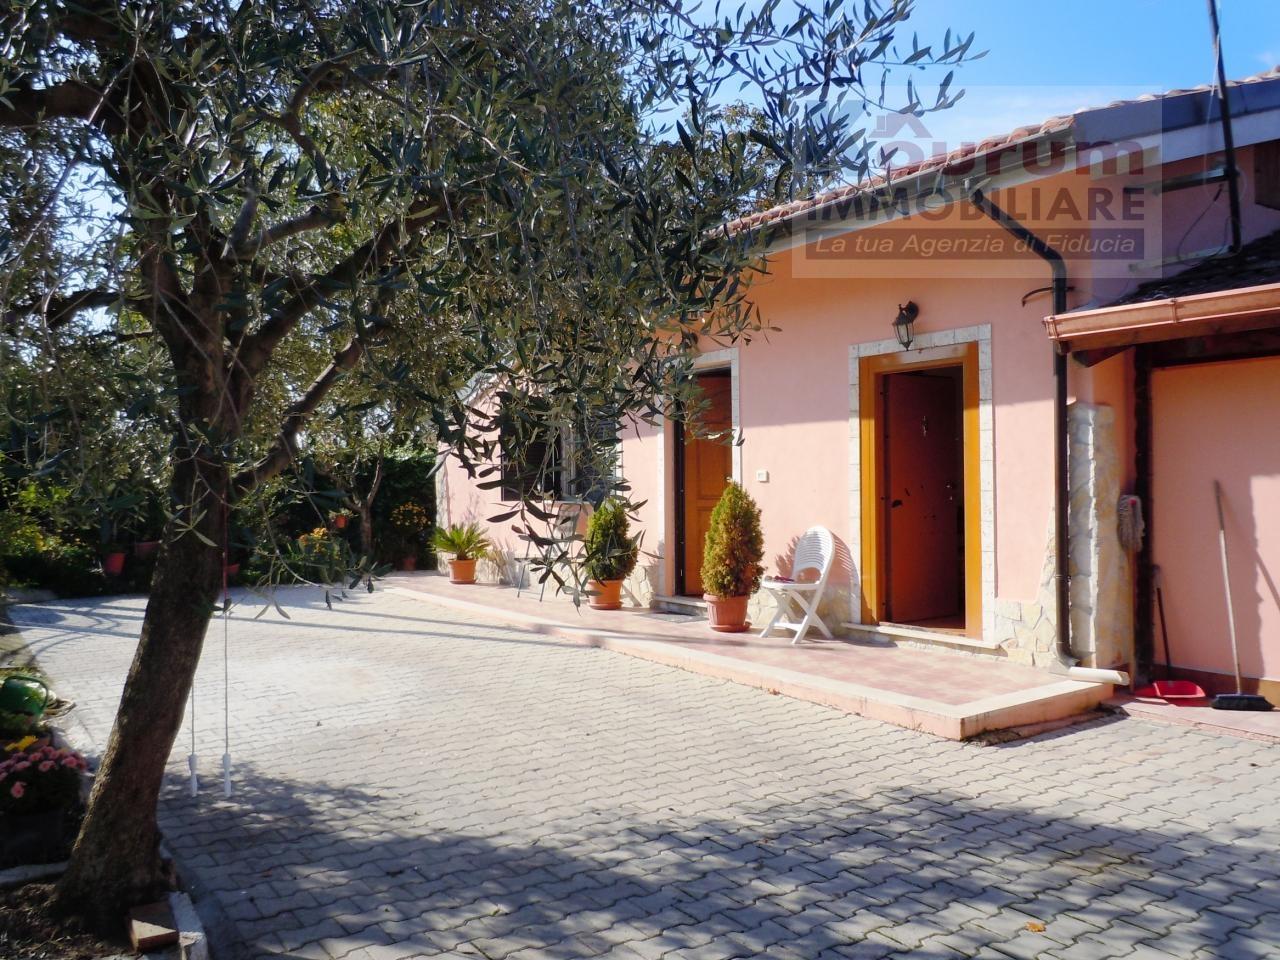 Villa in vendita a Ciampino, 6 locali, zona Località: AcquaAcetosa, prezzo € 299.000   CambioCasa.it